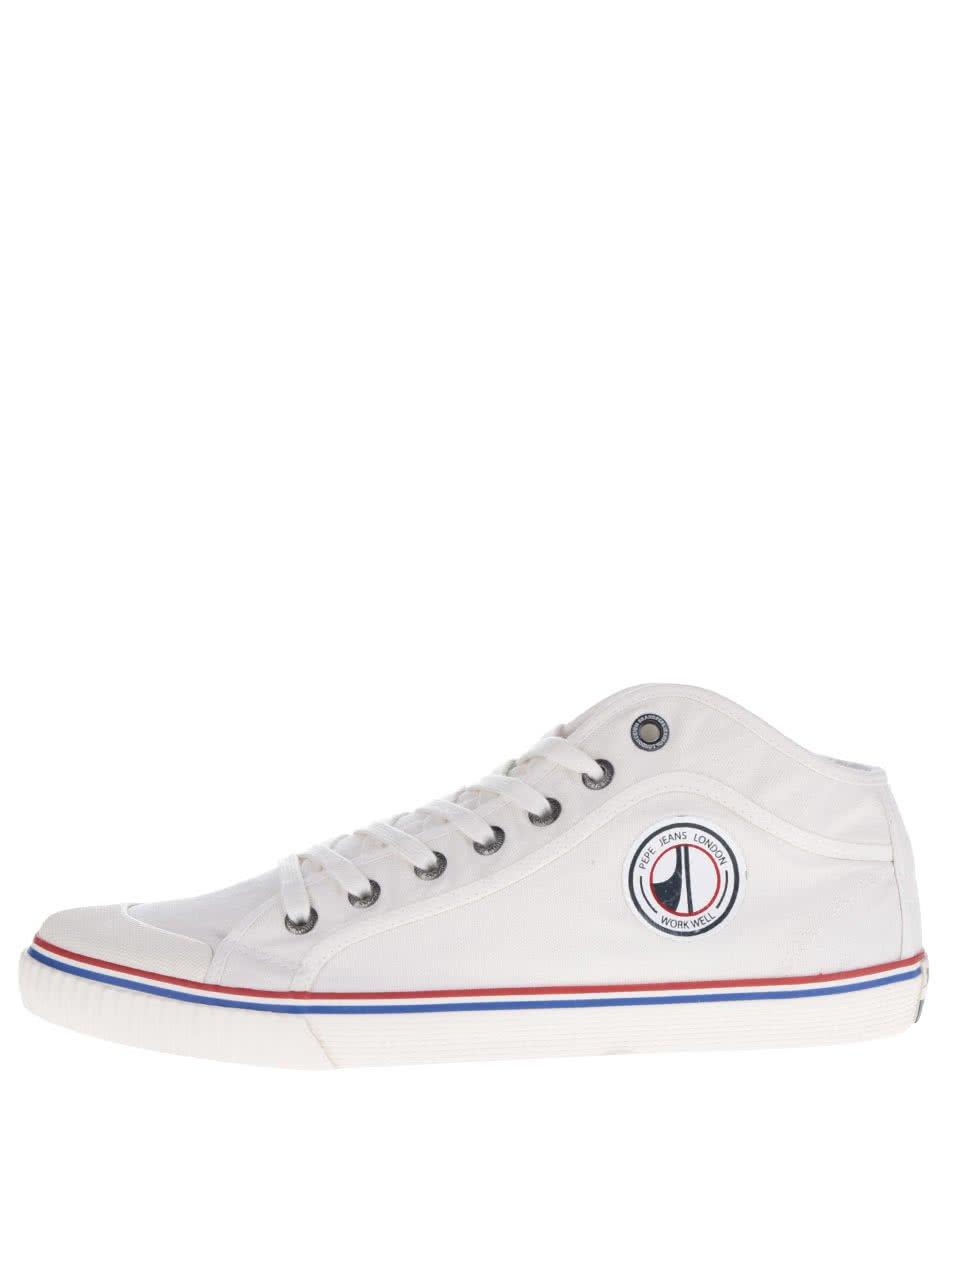 Bílé pánské tenisky s logem Pepe Jeans Industry Road